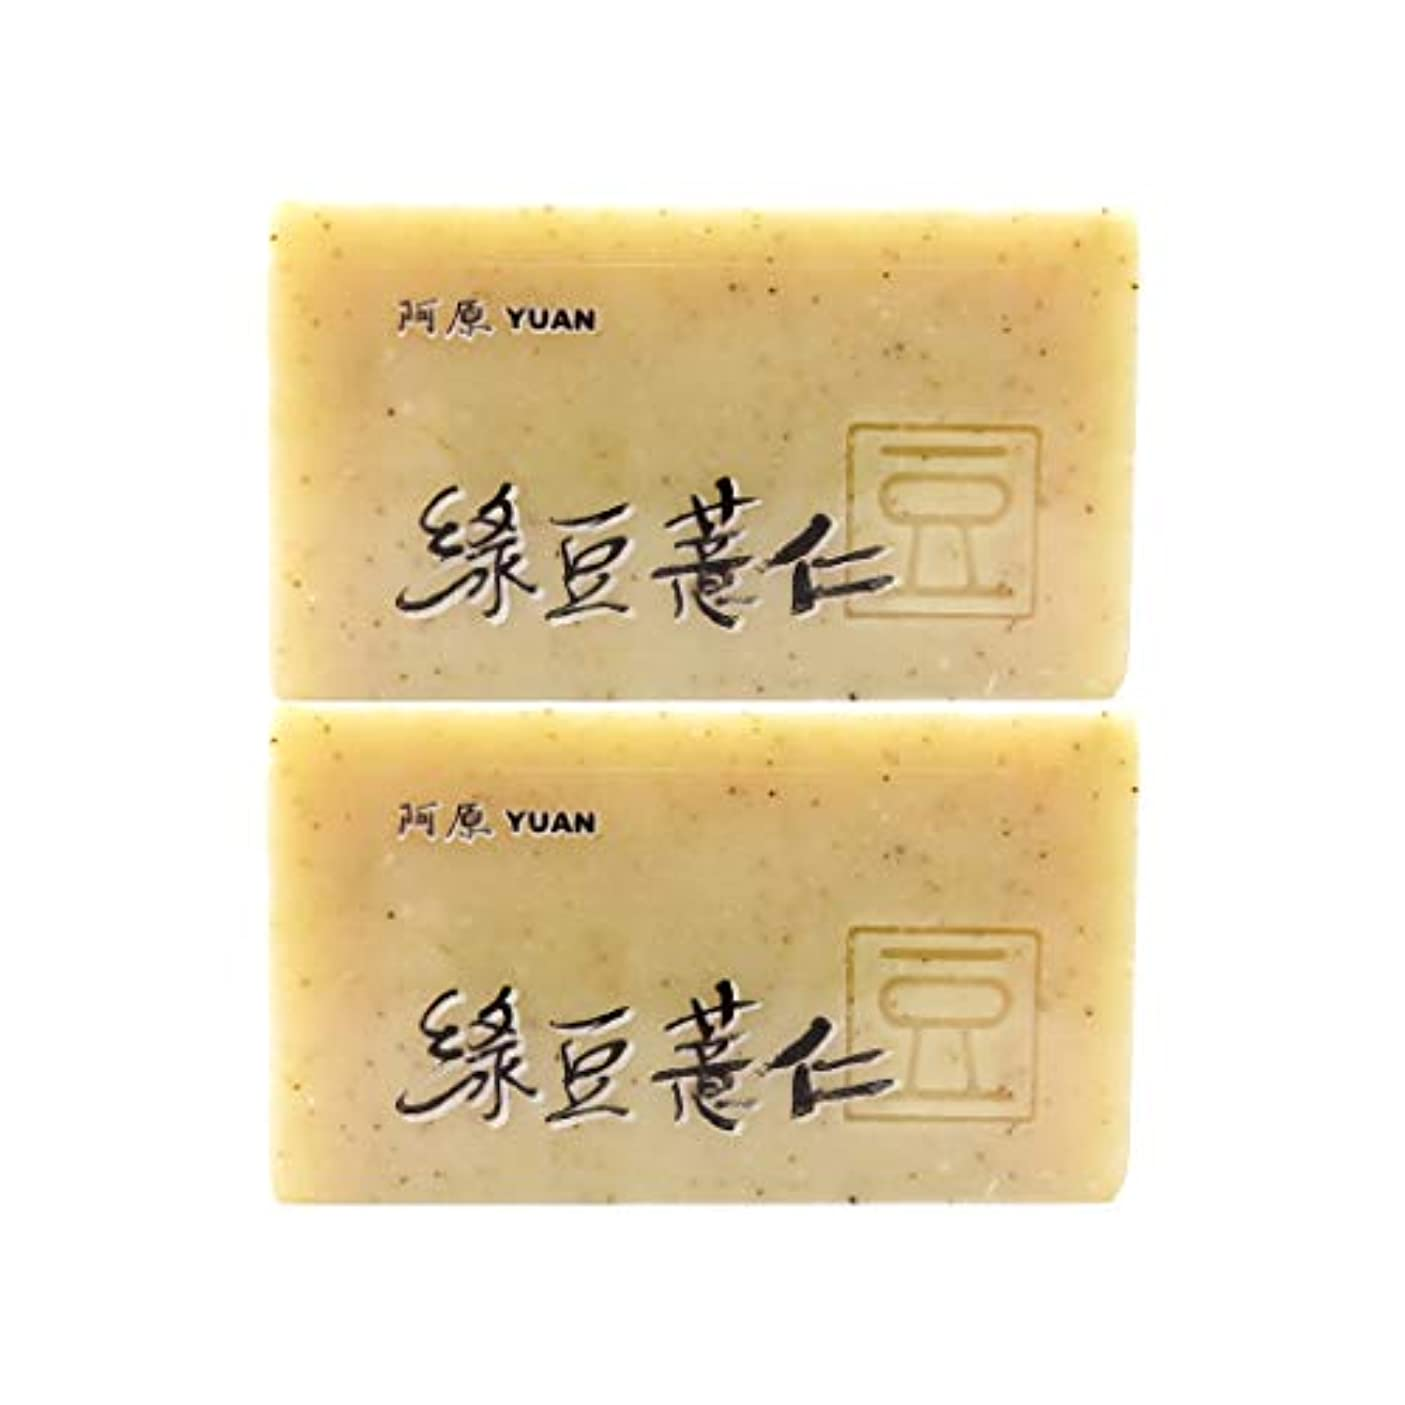 知性離れた皮ユアン(YUAN) ハトムギ+リョクトウソープ 100g (2個セット)